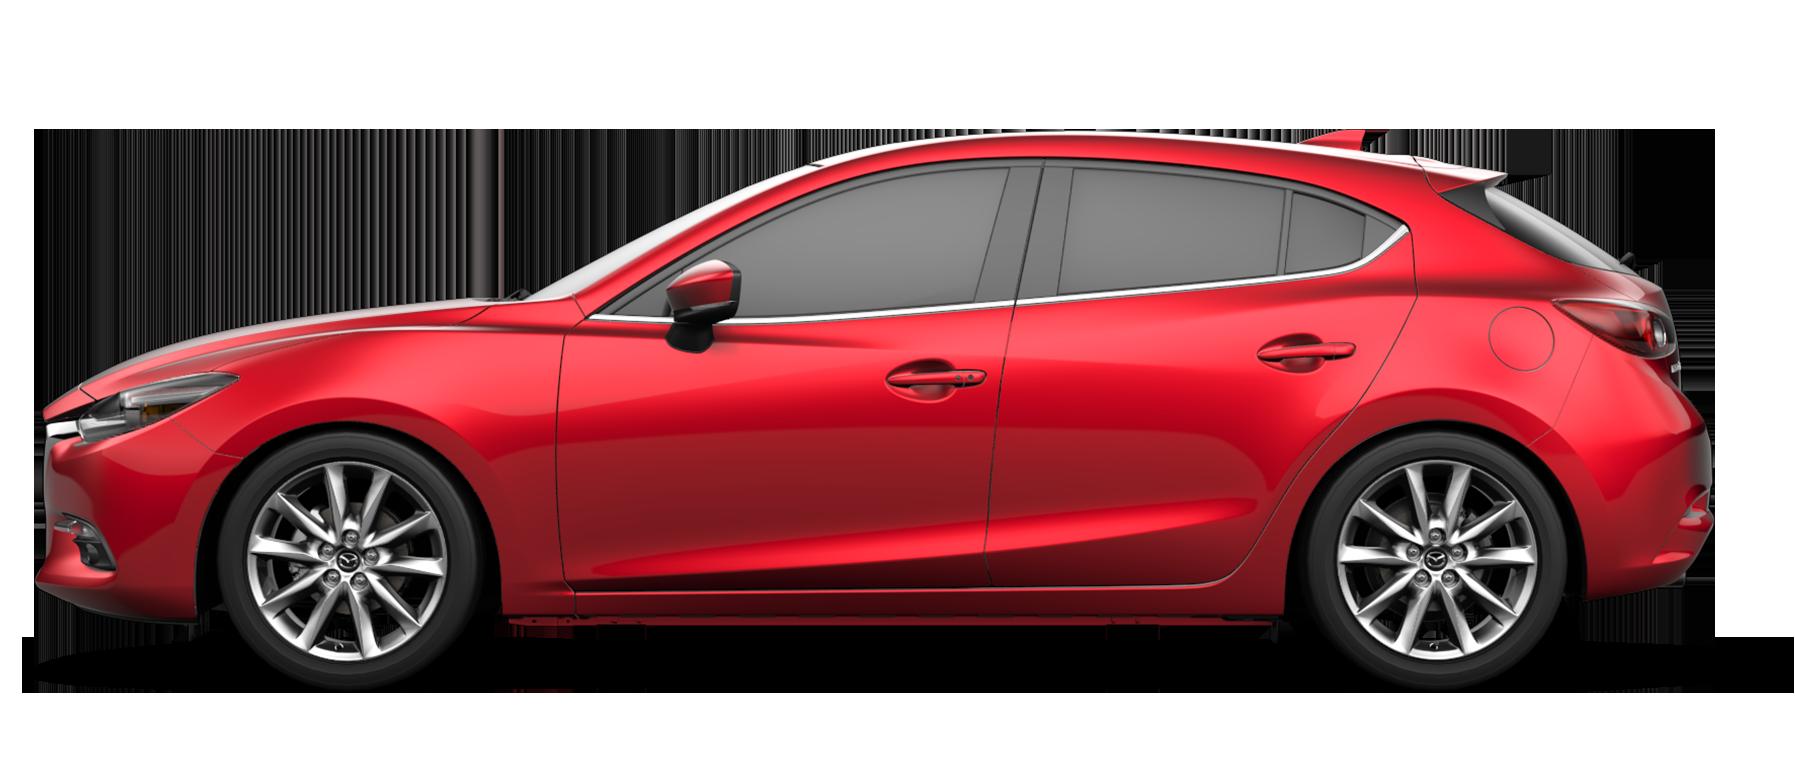 2018 Mazda3 5 Door Image